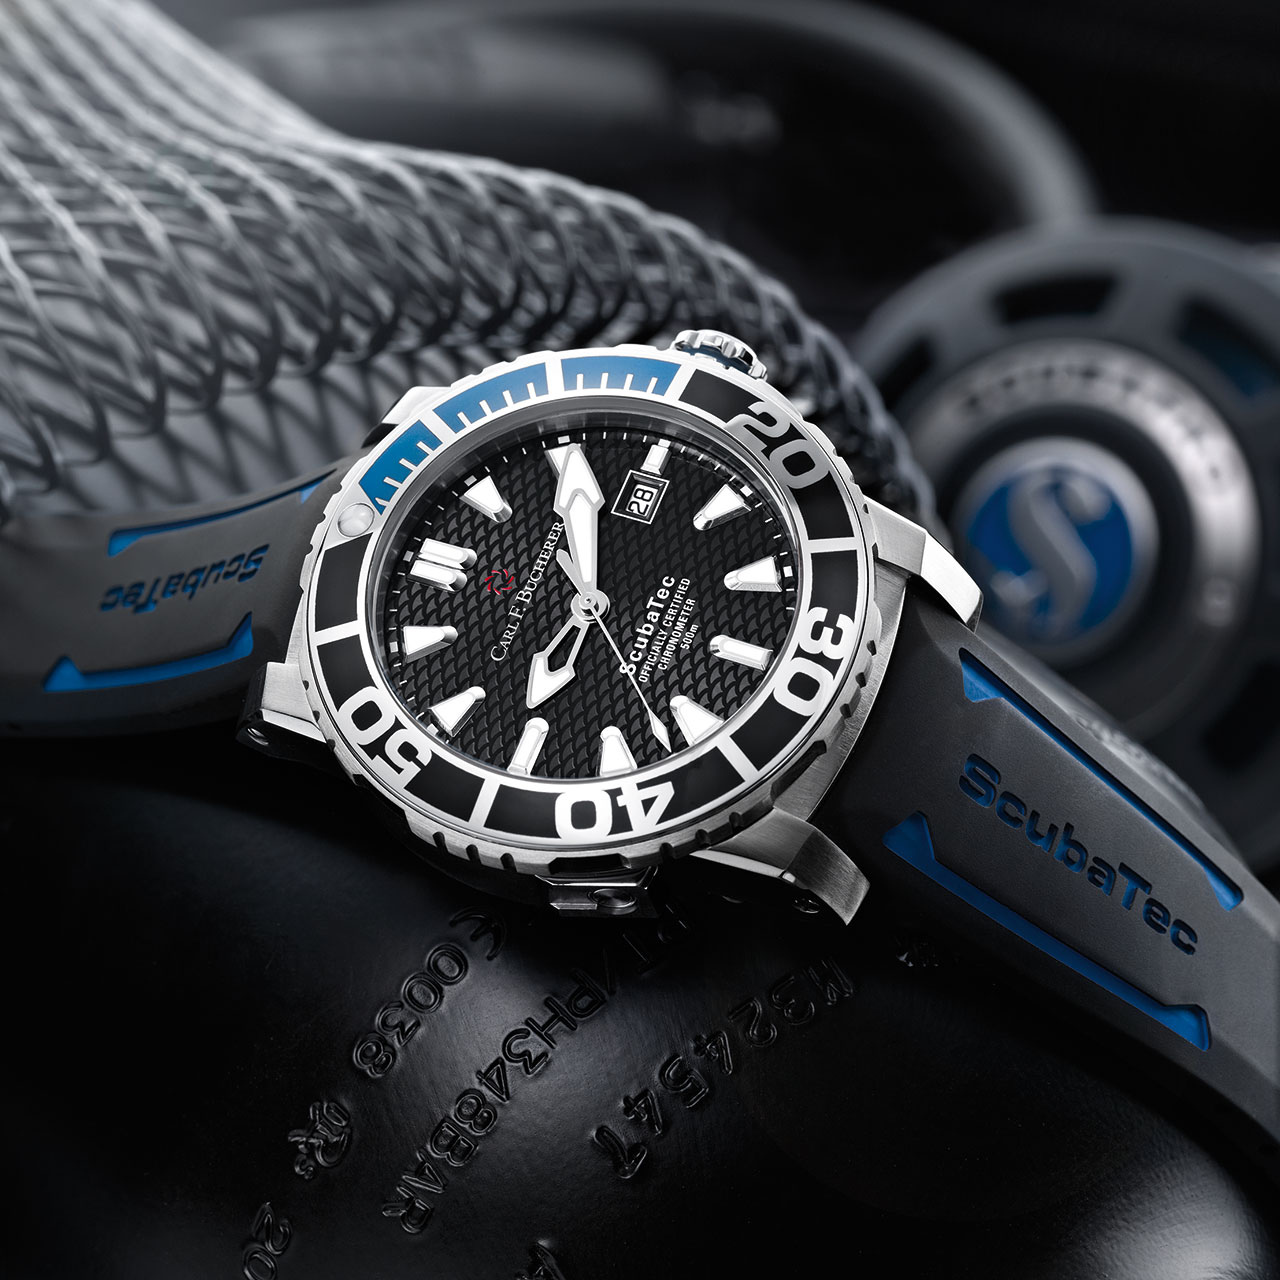 Carl F. Bucherer Patravi ScubaTec Automatic Watch